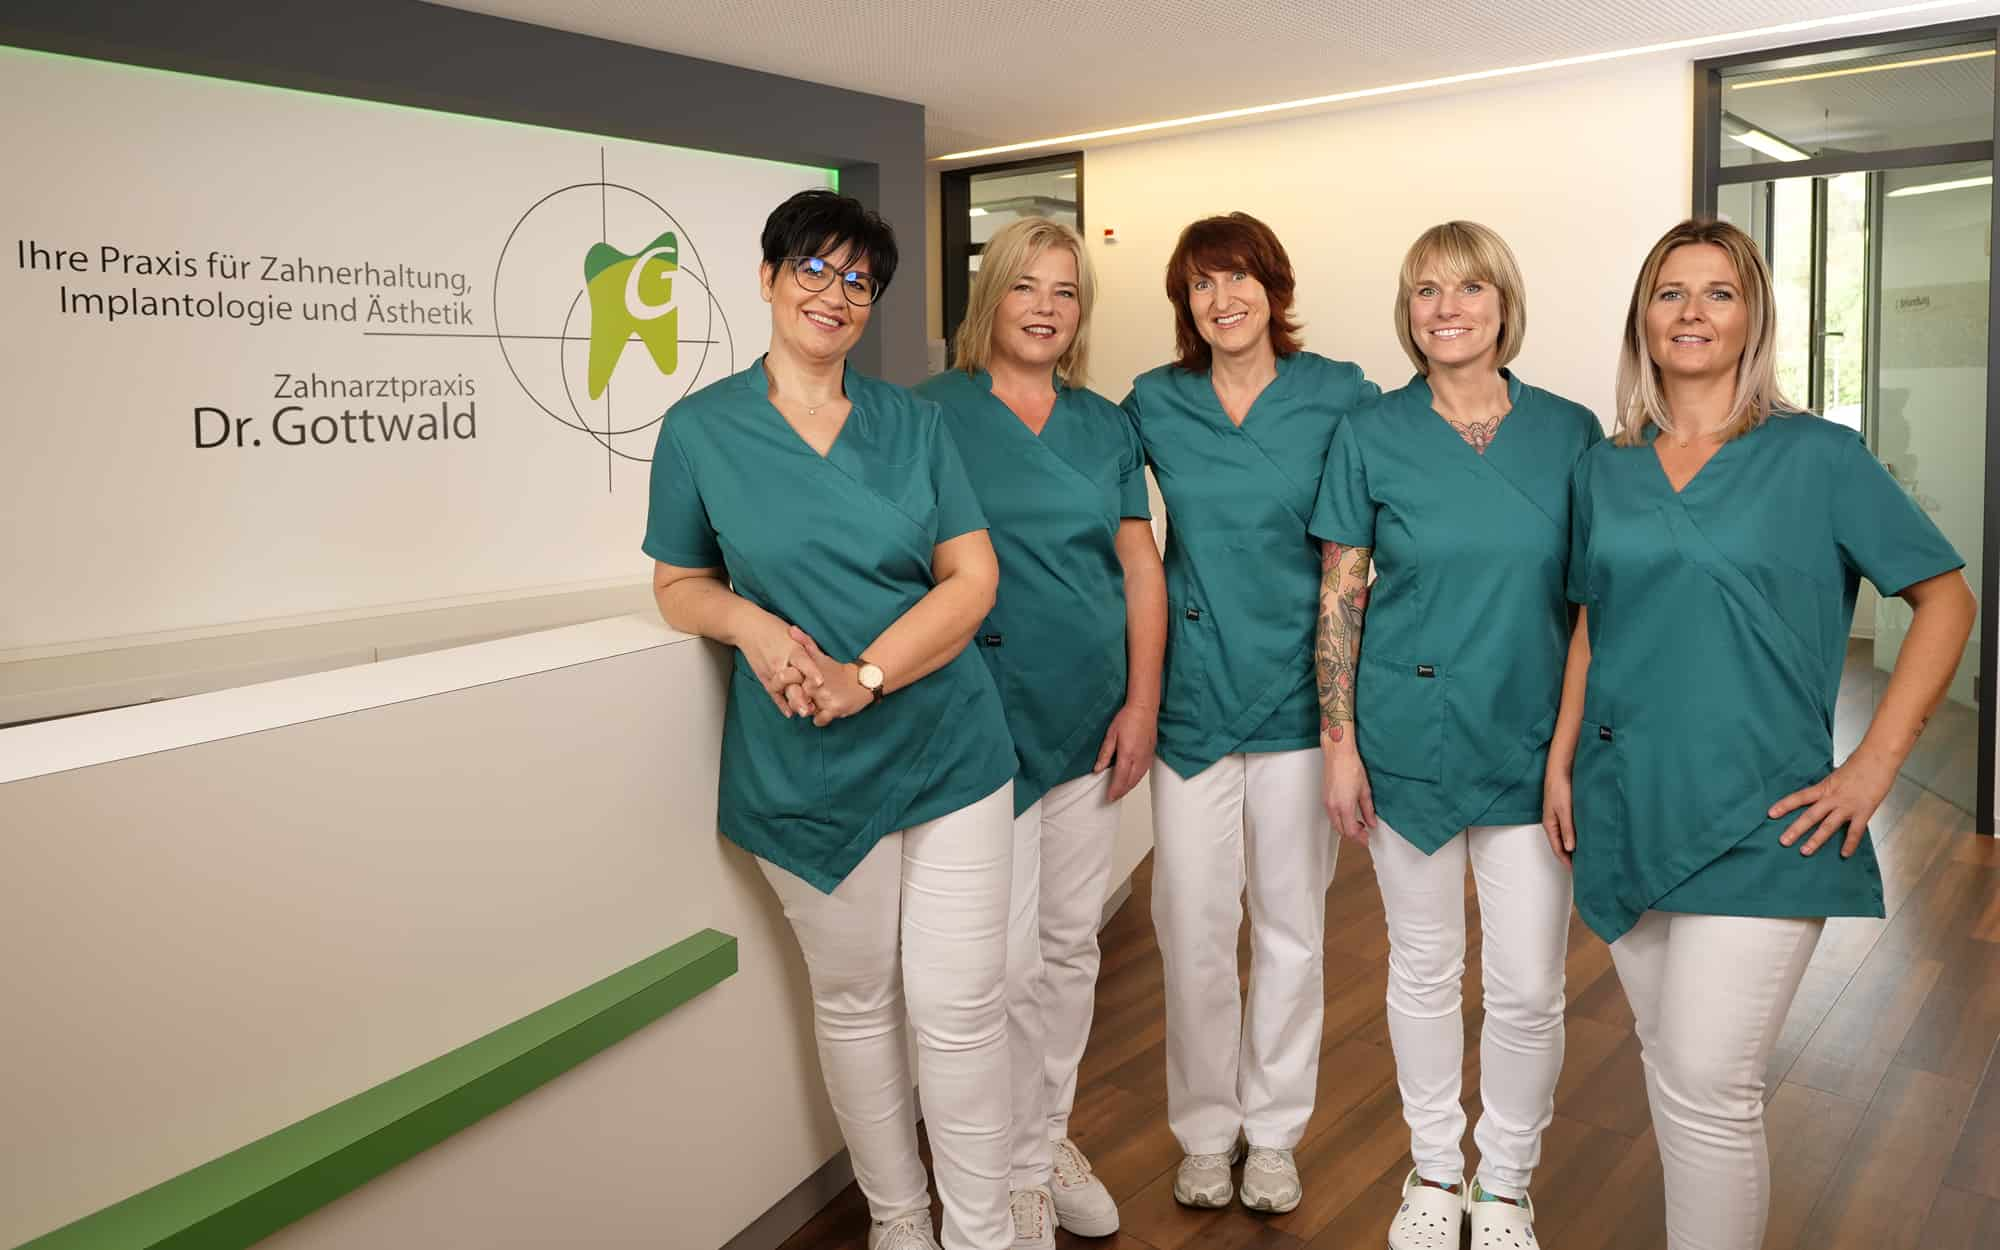 Ihr Prophylaxeteam - Team der Prophylaxe-Assistentinnen in der Zahnarztpraxis Dr. Wolfgang Gottwald in Koblenz am Hauptbahnhof